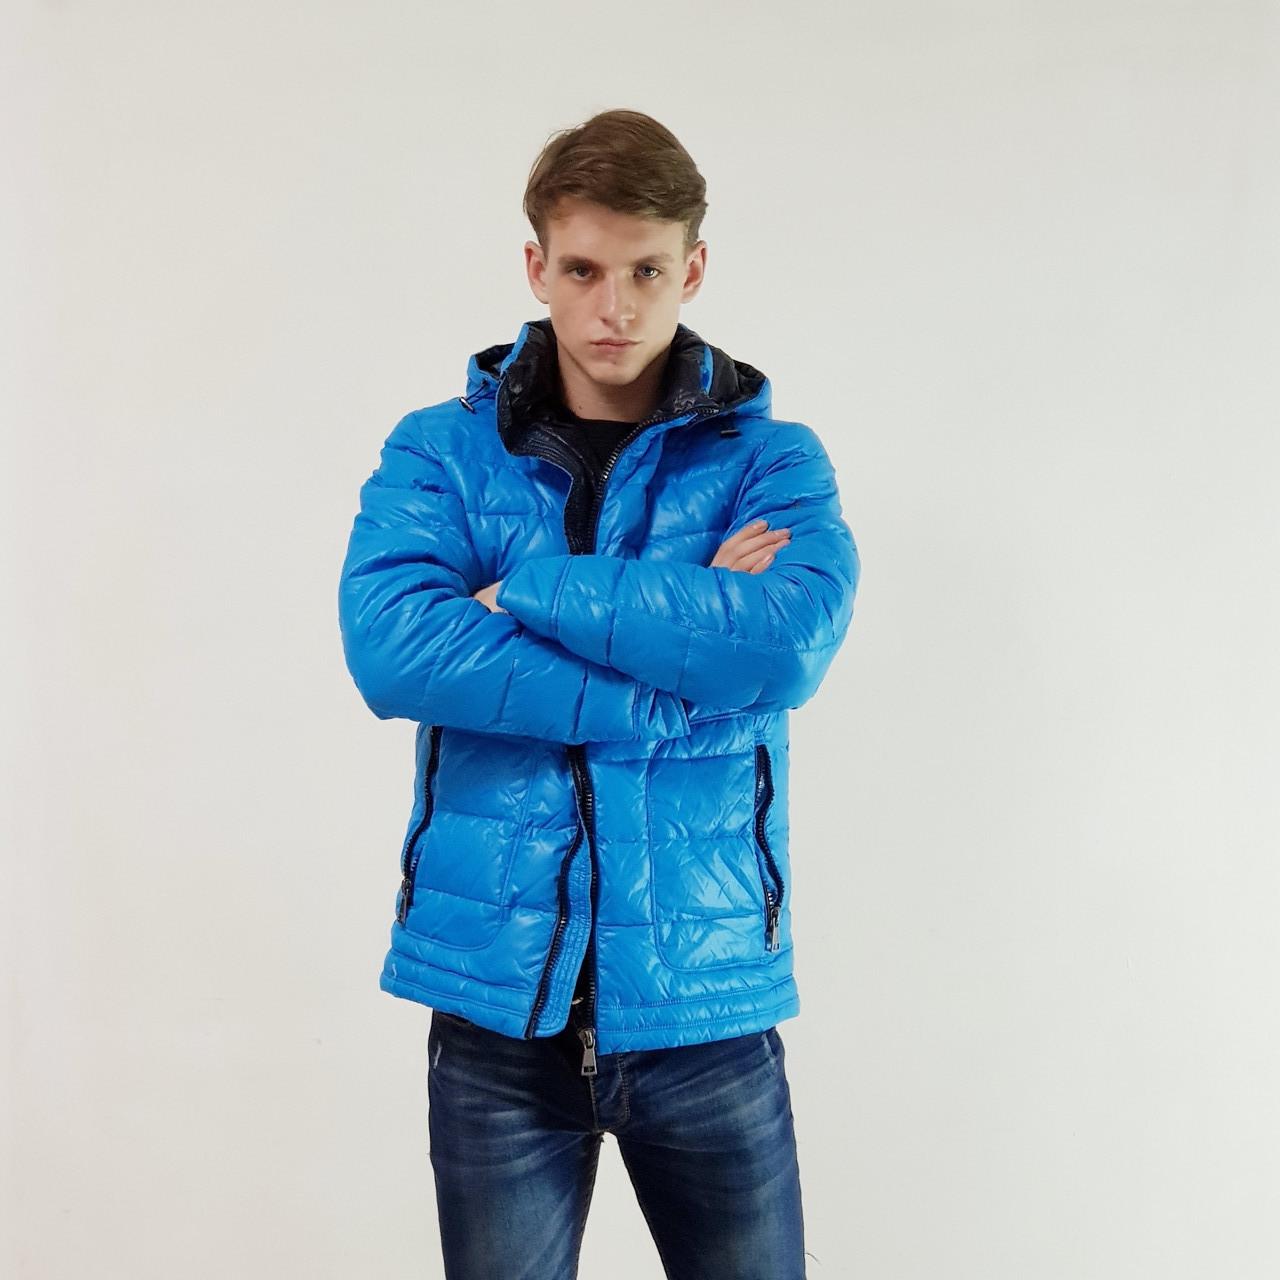 Куртка мужская зимняя Snowimage с капюшоном 52 голубой 105A-3341